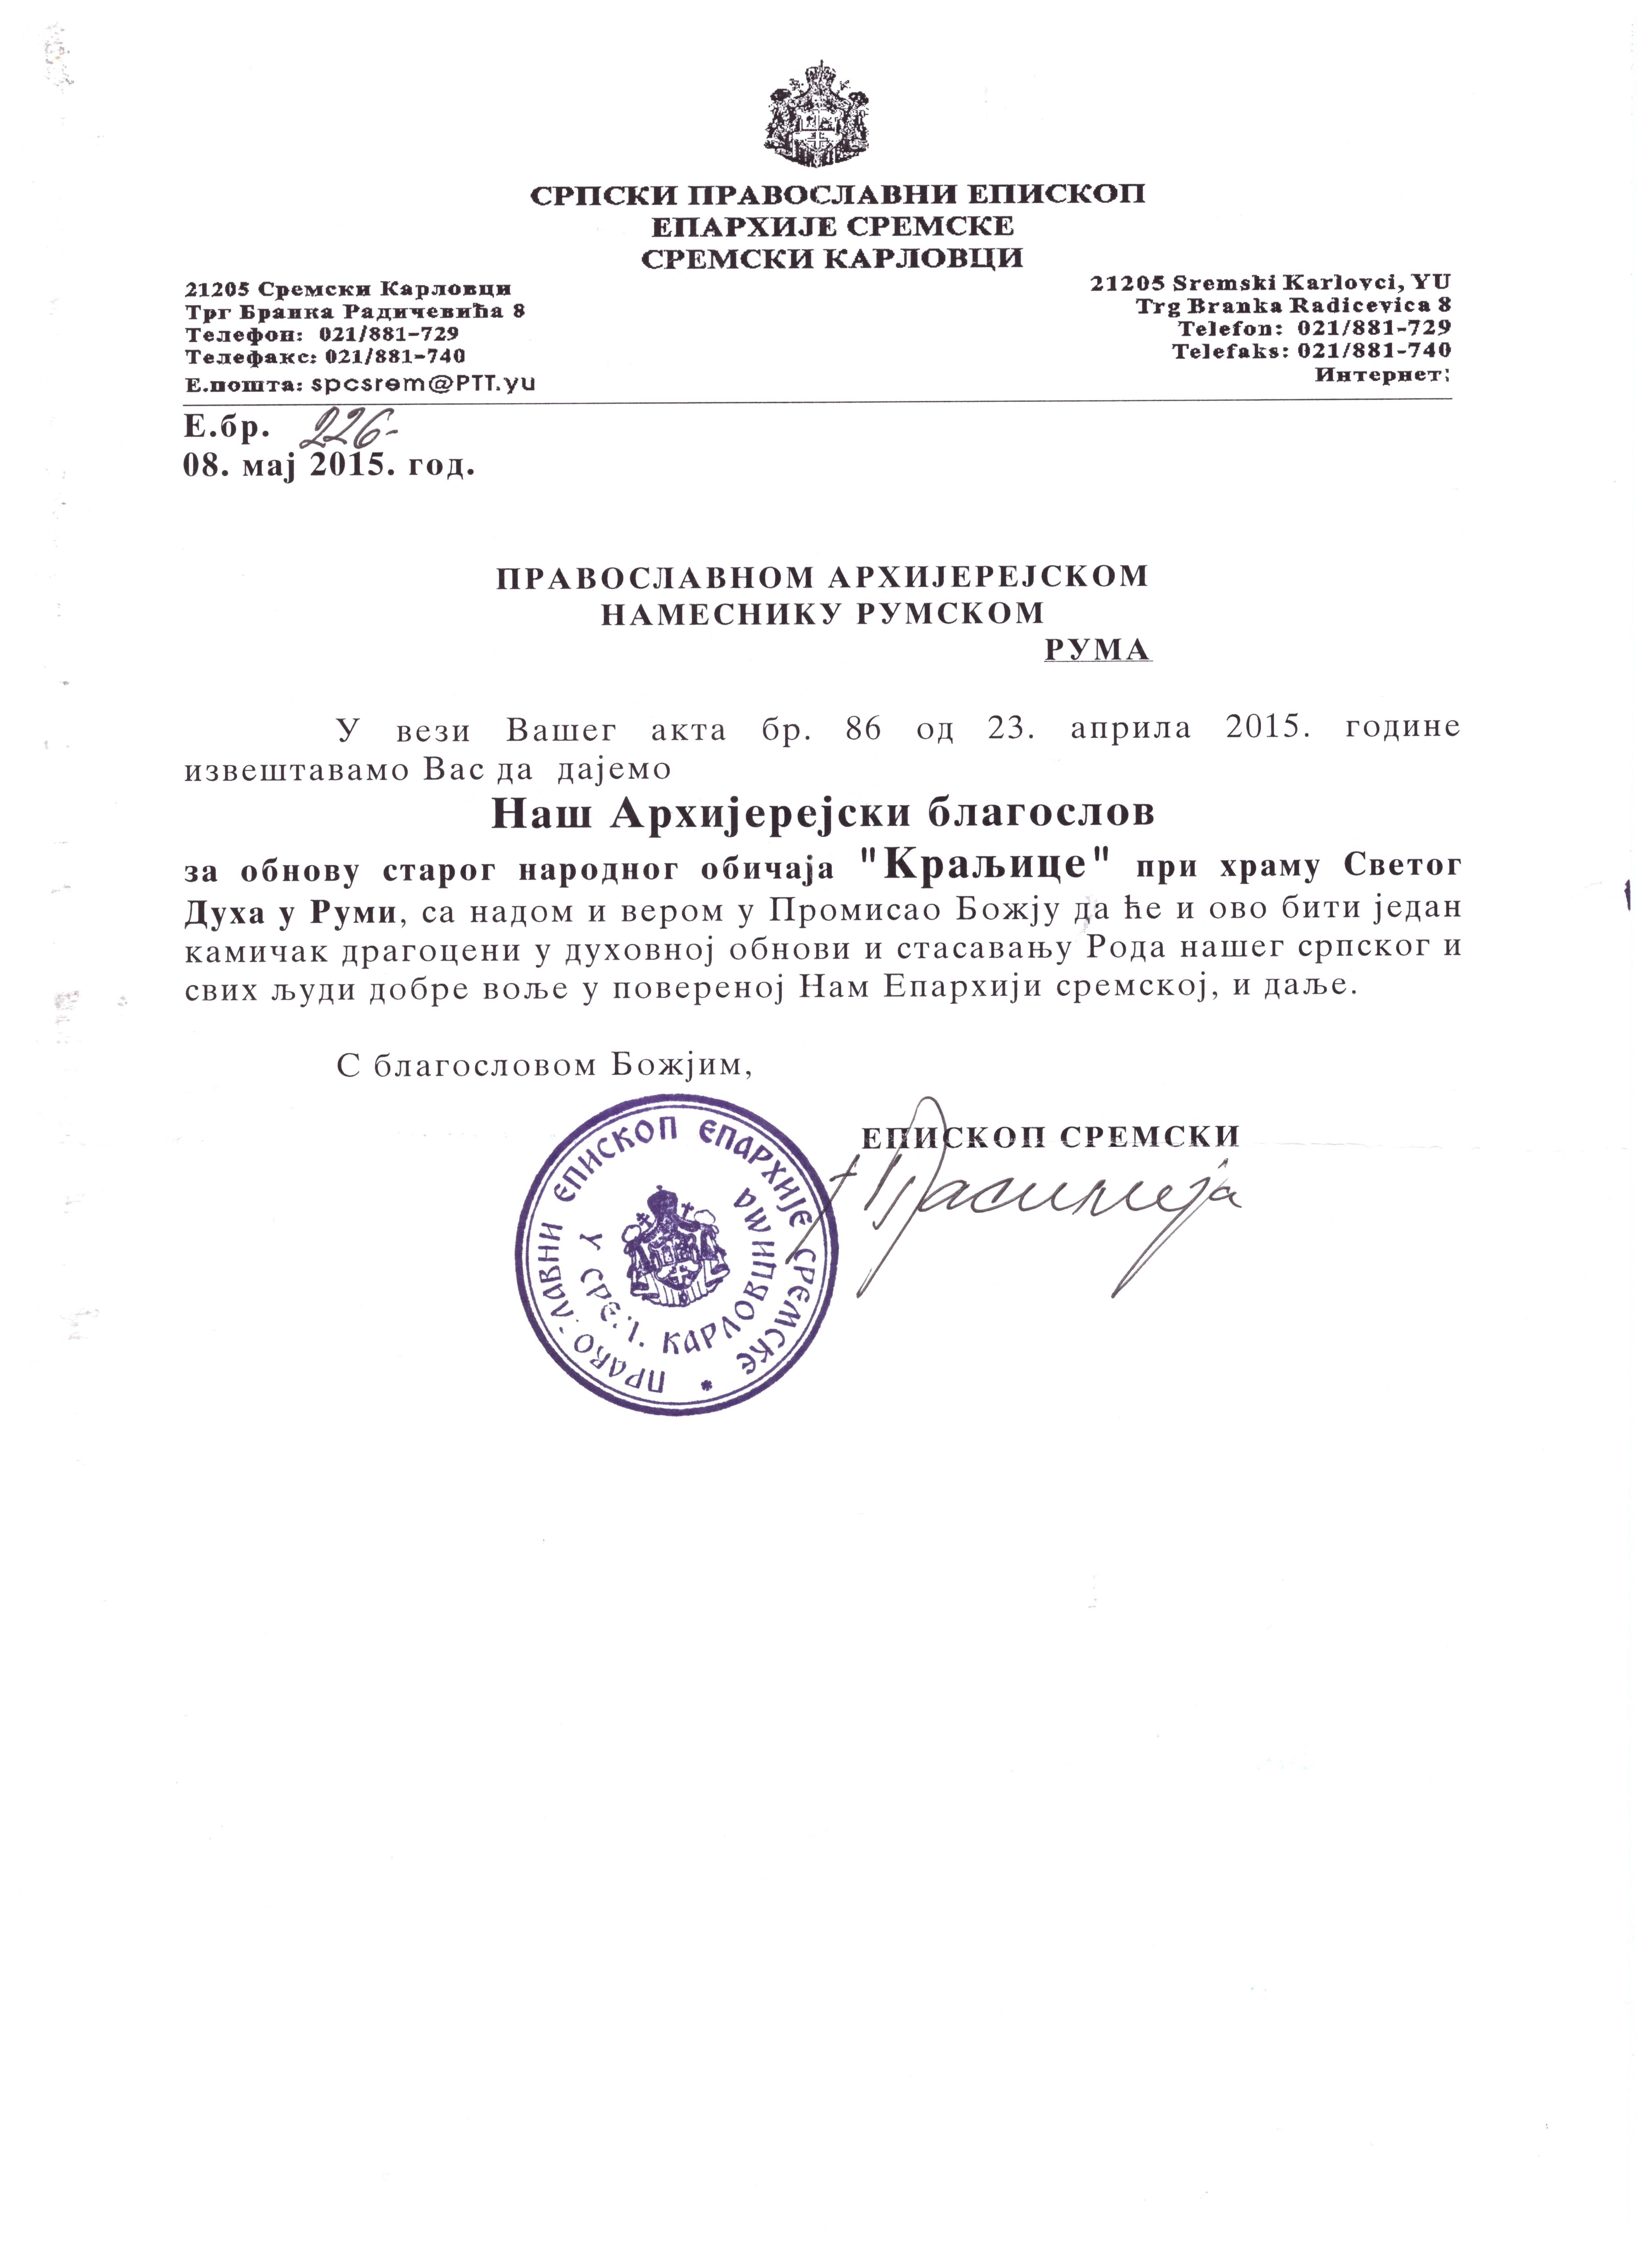 https://brankoradicevic.org.rs/wp-content/uploads/2019/04/Skeniranje_20190415.jpg